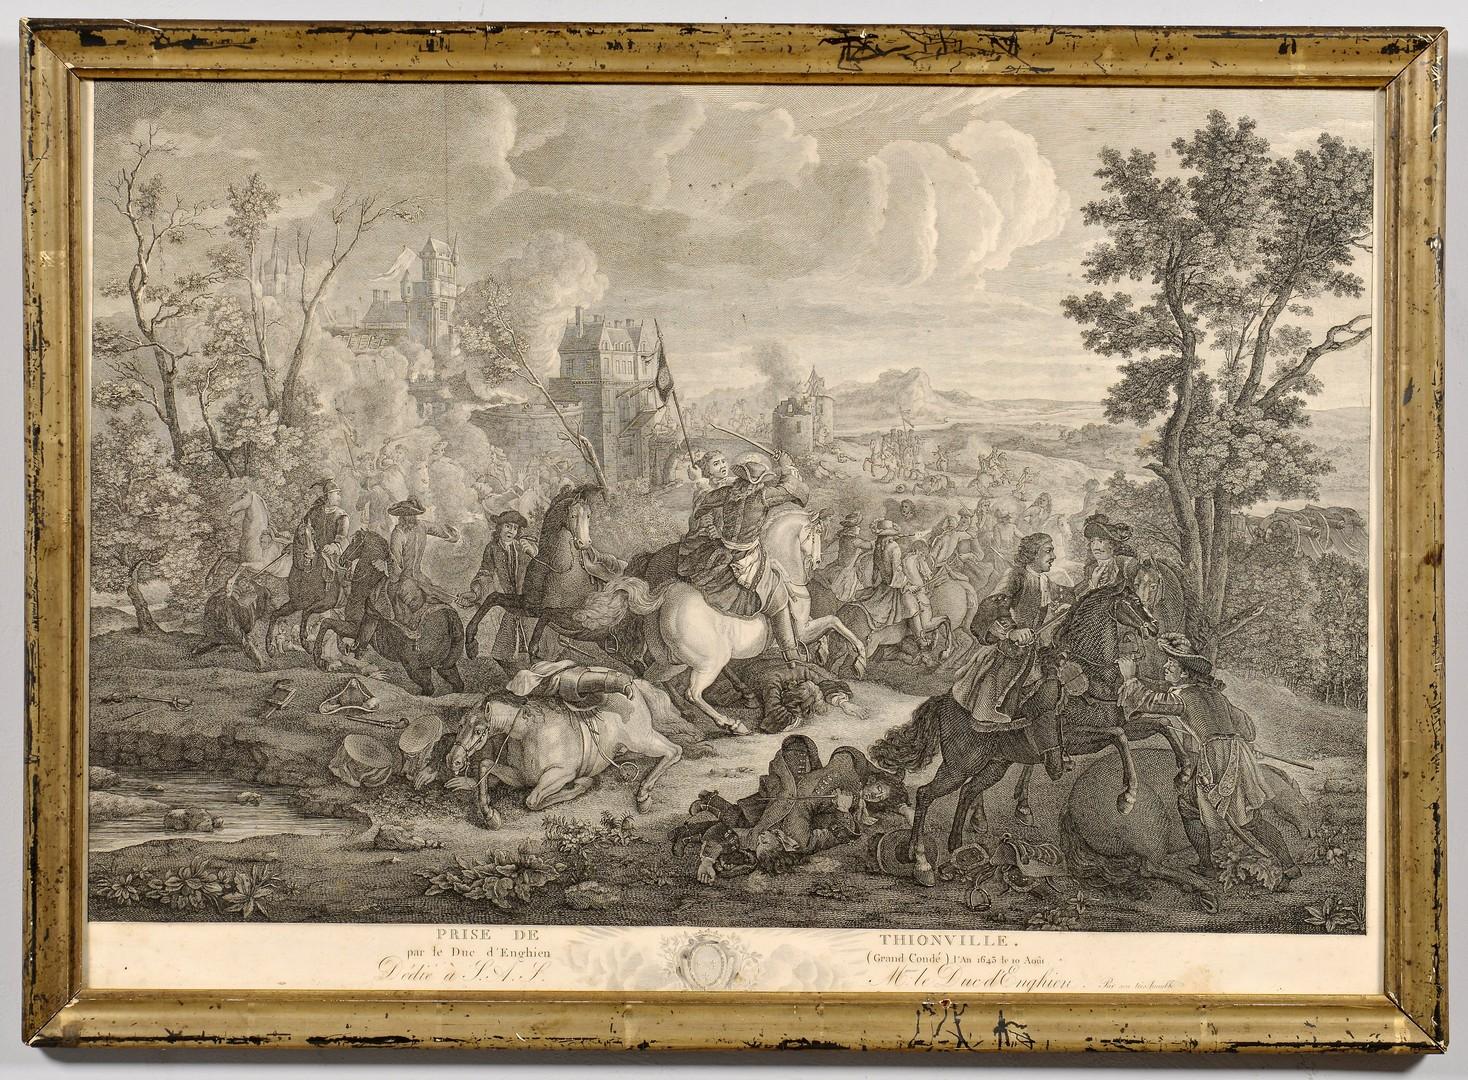 Lot 236: French Battle Scene Engraving, Prise de Thionville